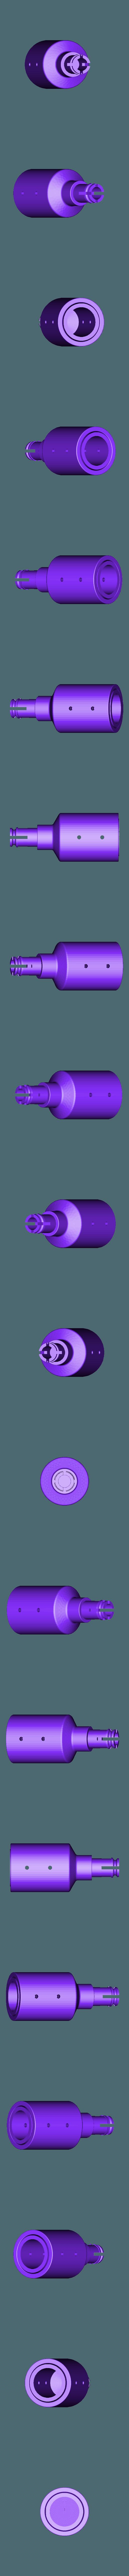 stock.stl Download free STL file Wind vane fly • 3D printable model, Evgen3D